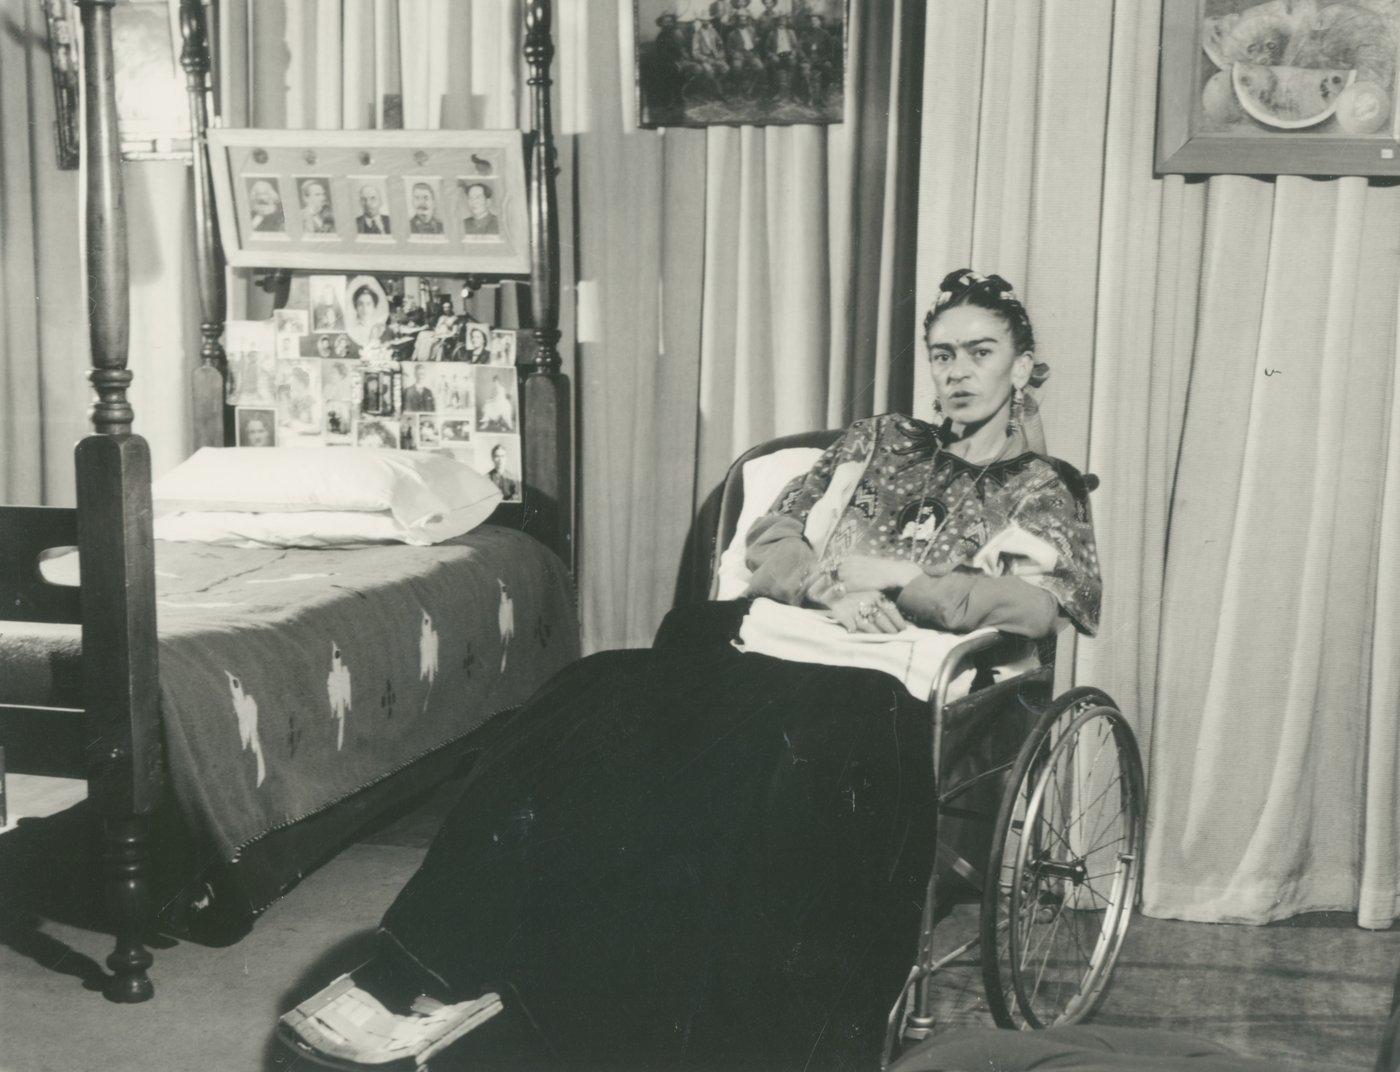 frida-kahlo-legacy